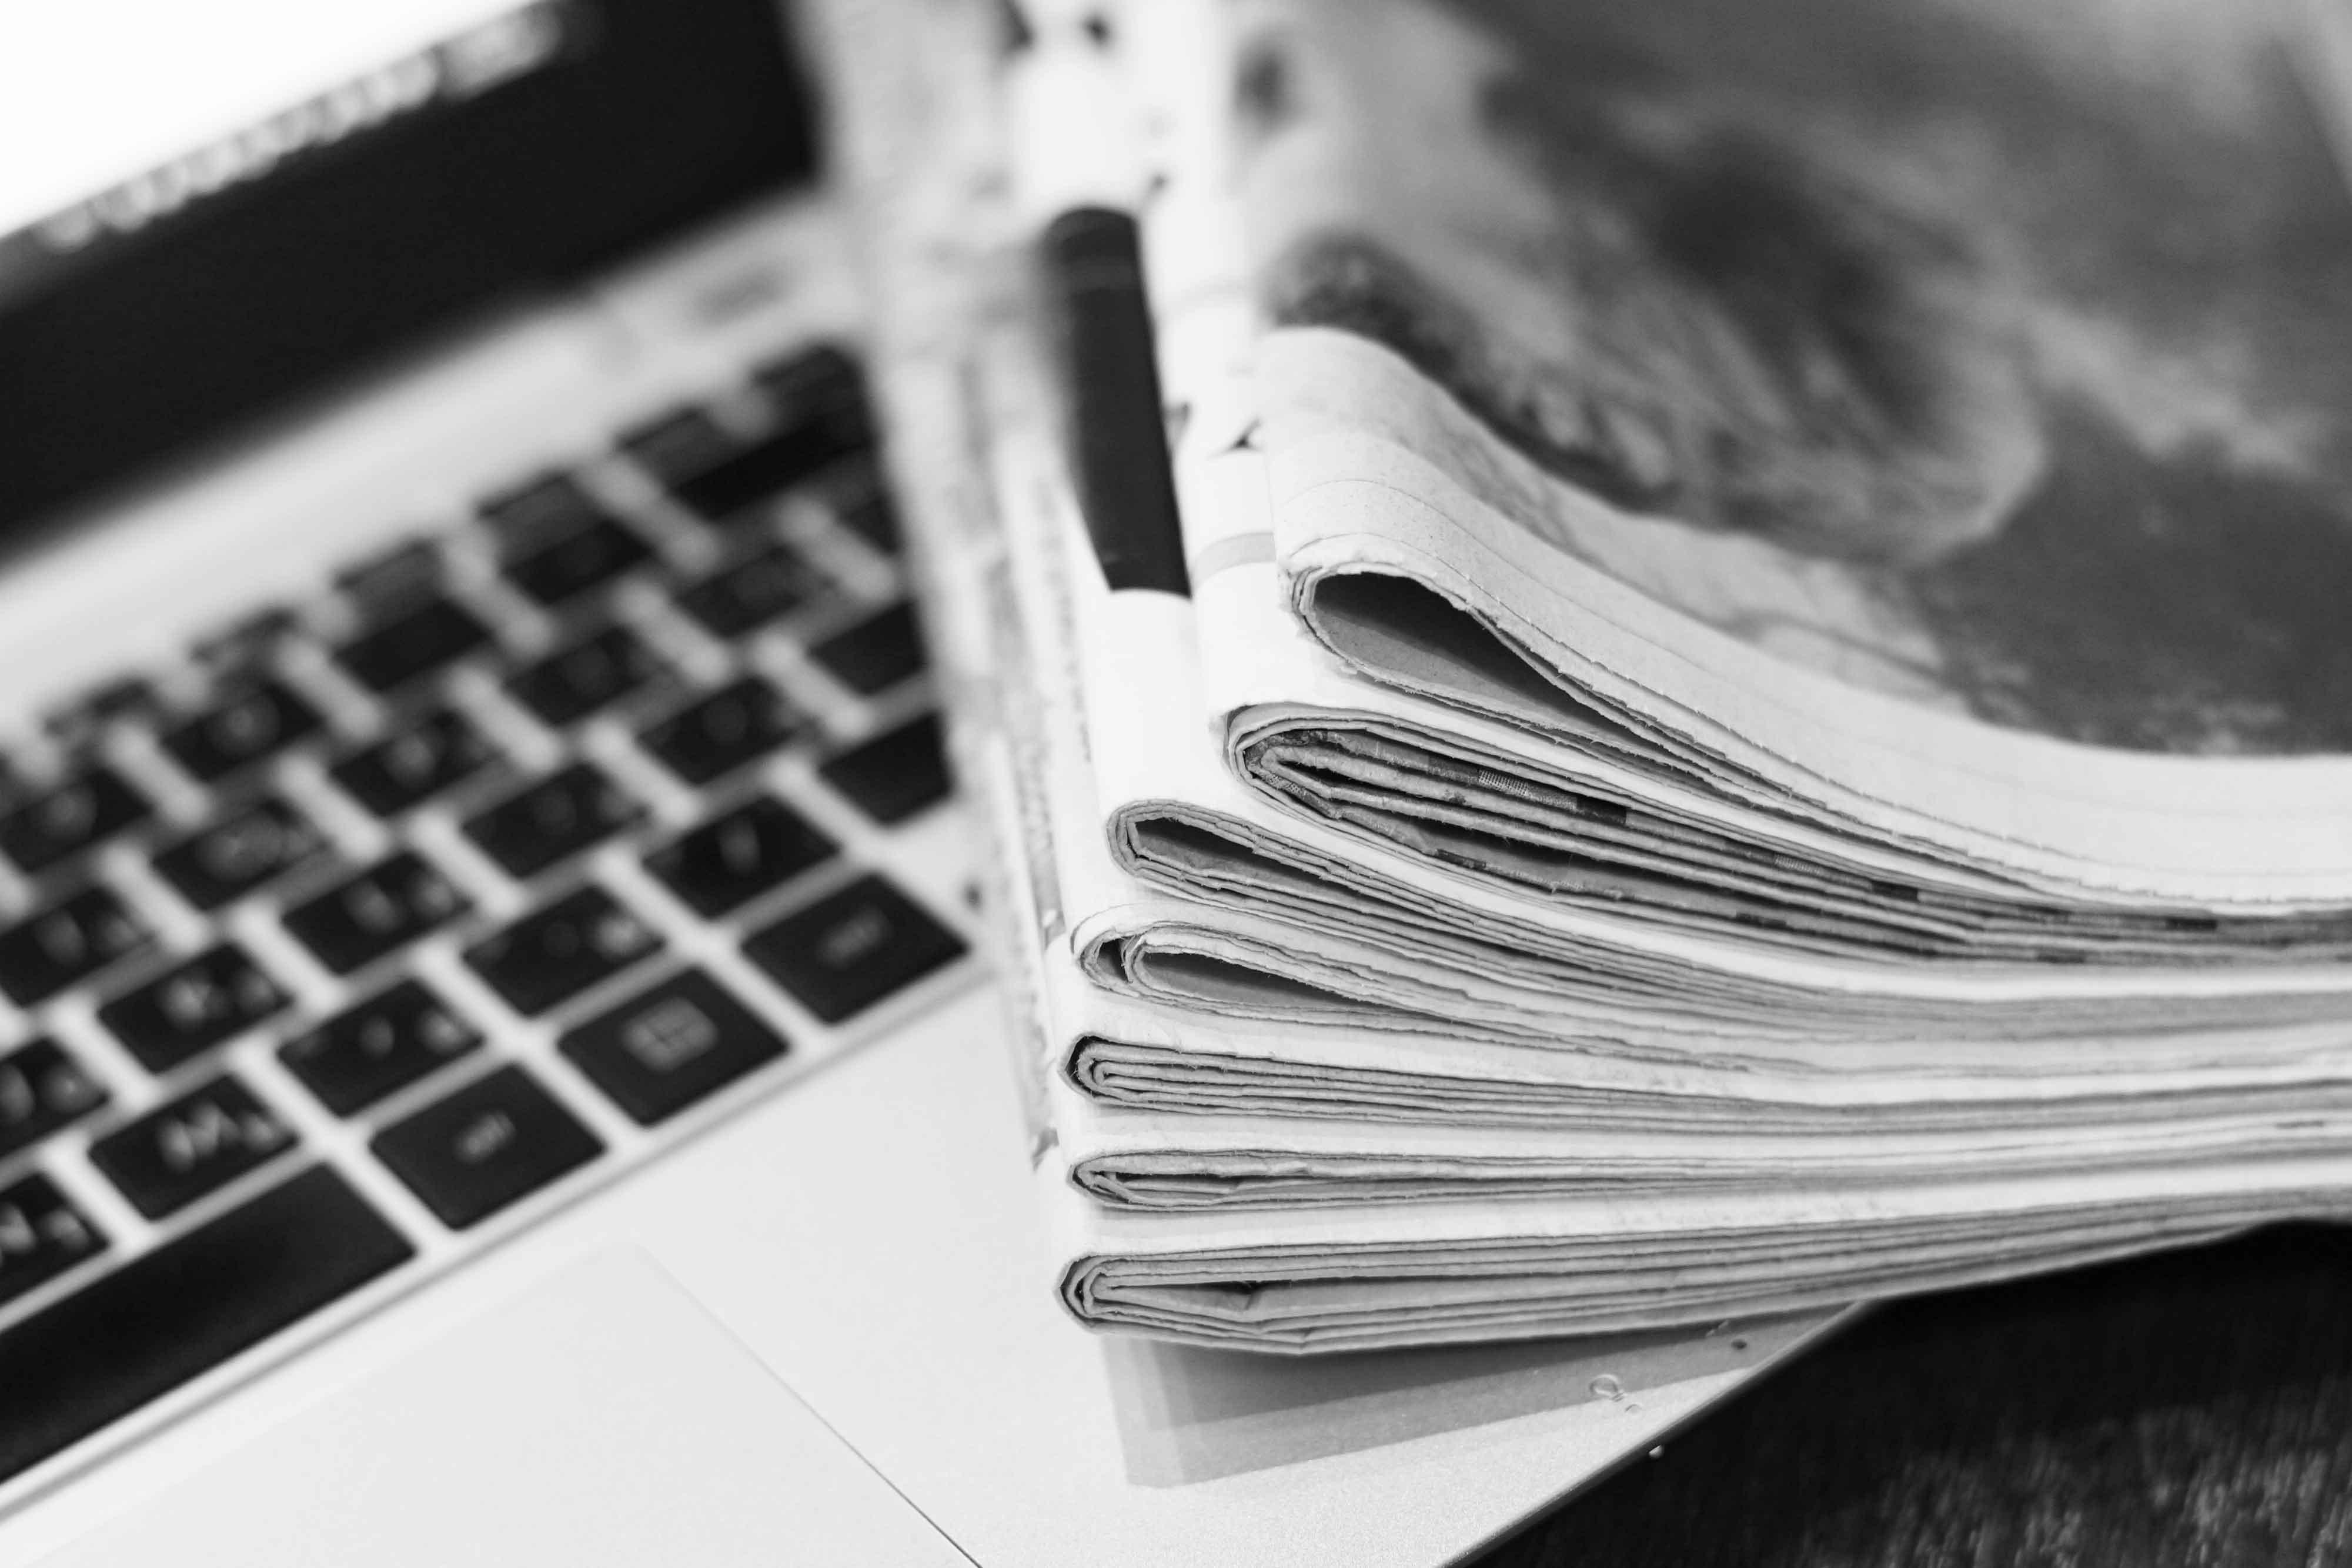 מהדורה מעודכנת: מהו שיווק RTM ואיך הוא יכול לסייע לעסק שלכם